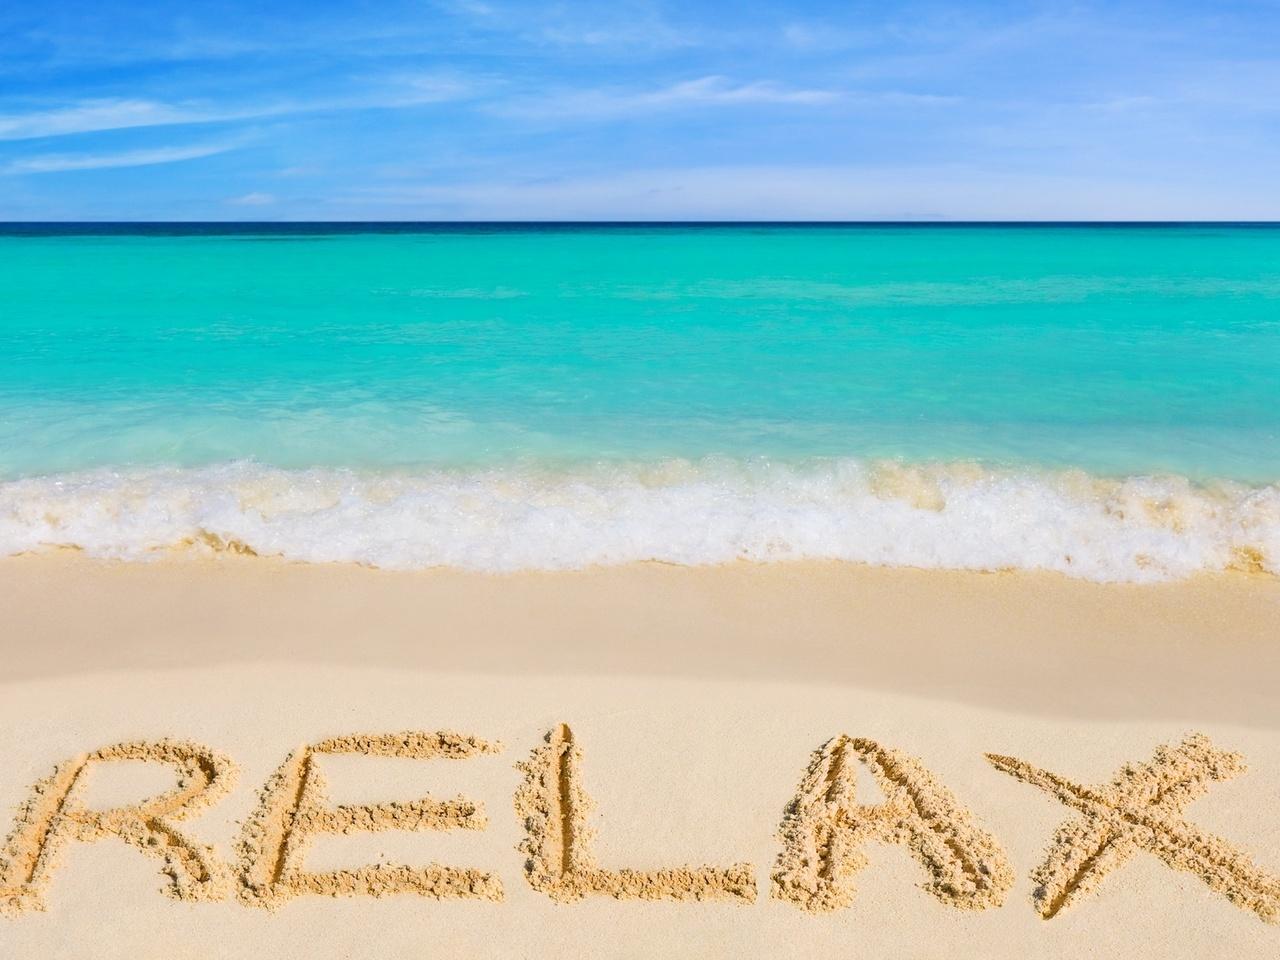 Картинки по запросу море лето солнце пляж